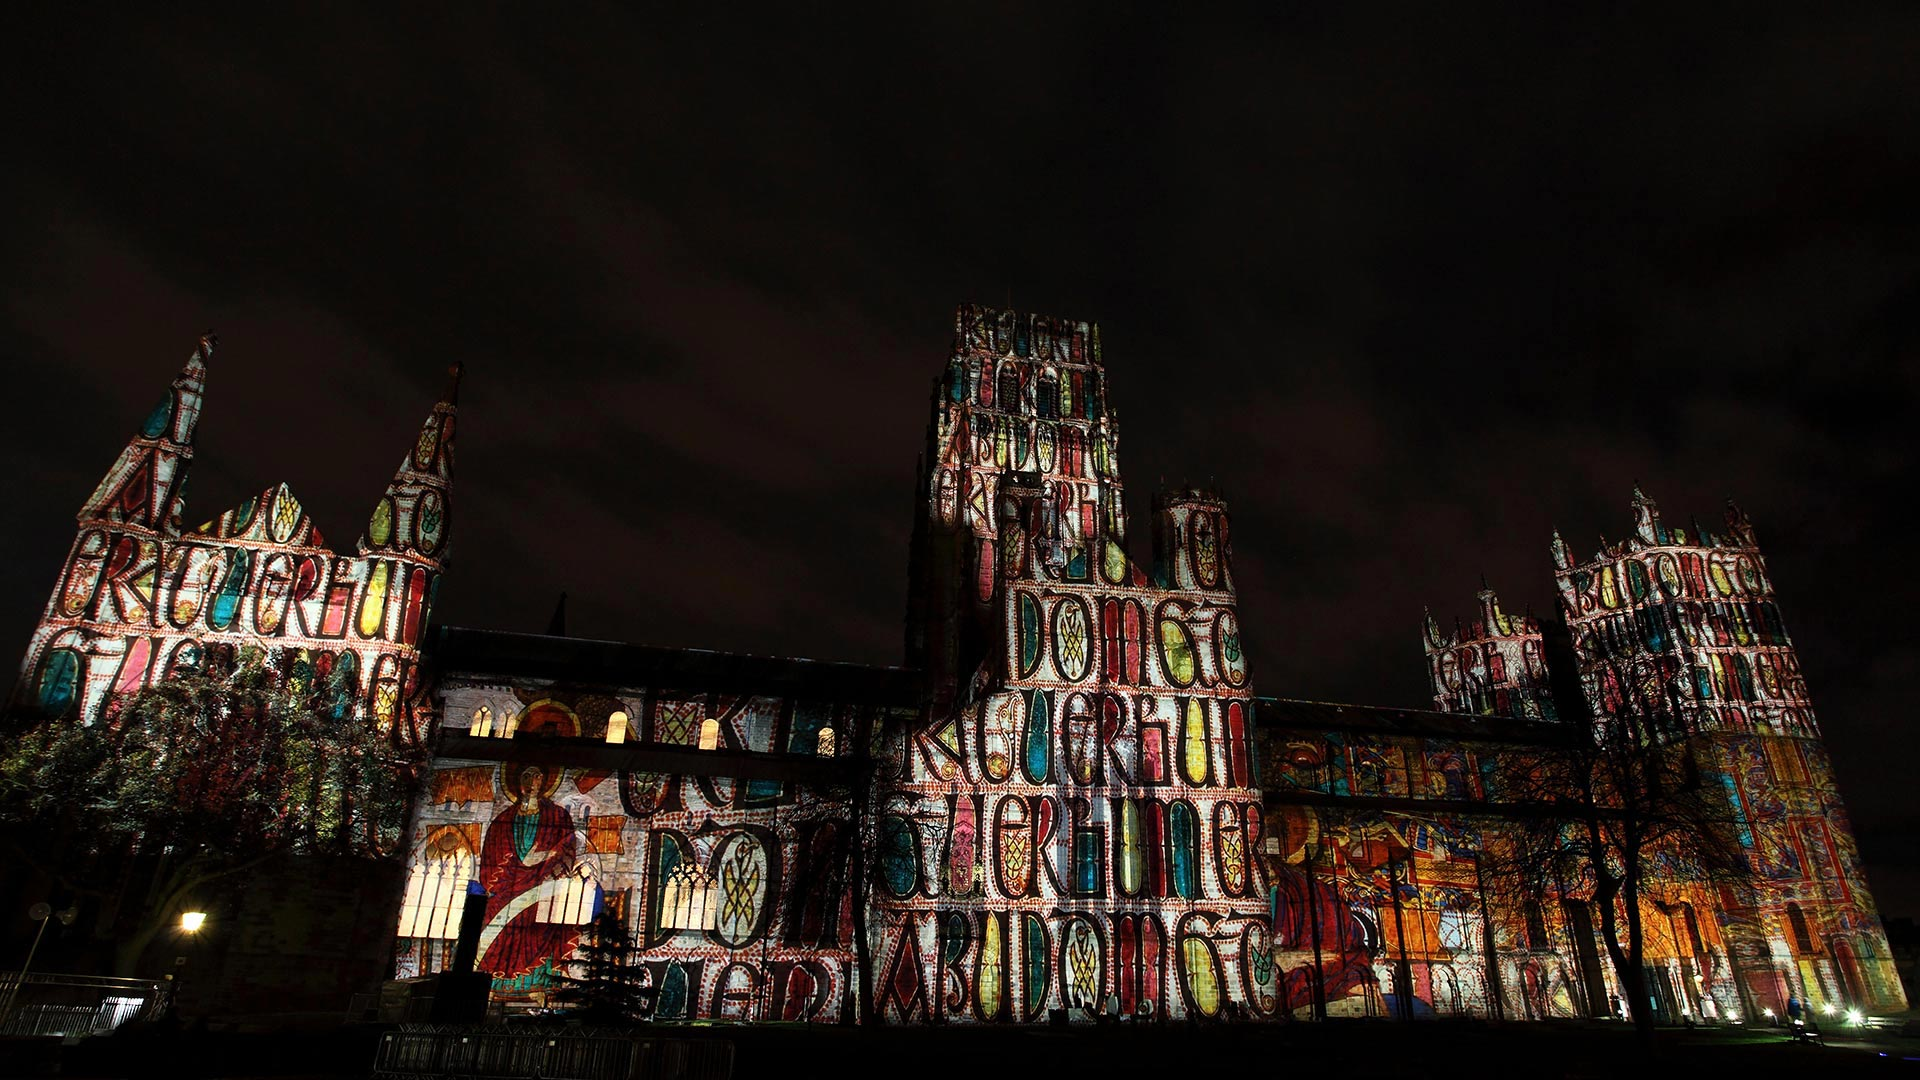 「ダラム大聖堂のプロジェクション・マッピング」イギリス, ダラム州 (© Stuart Forster/Alamy)